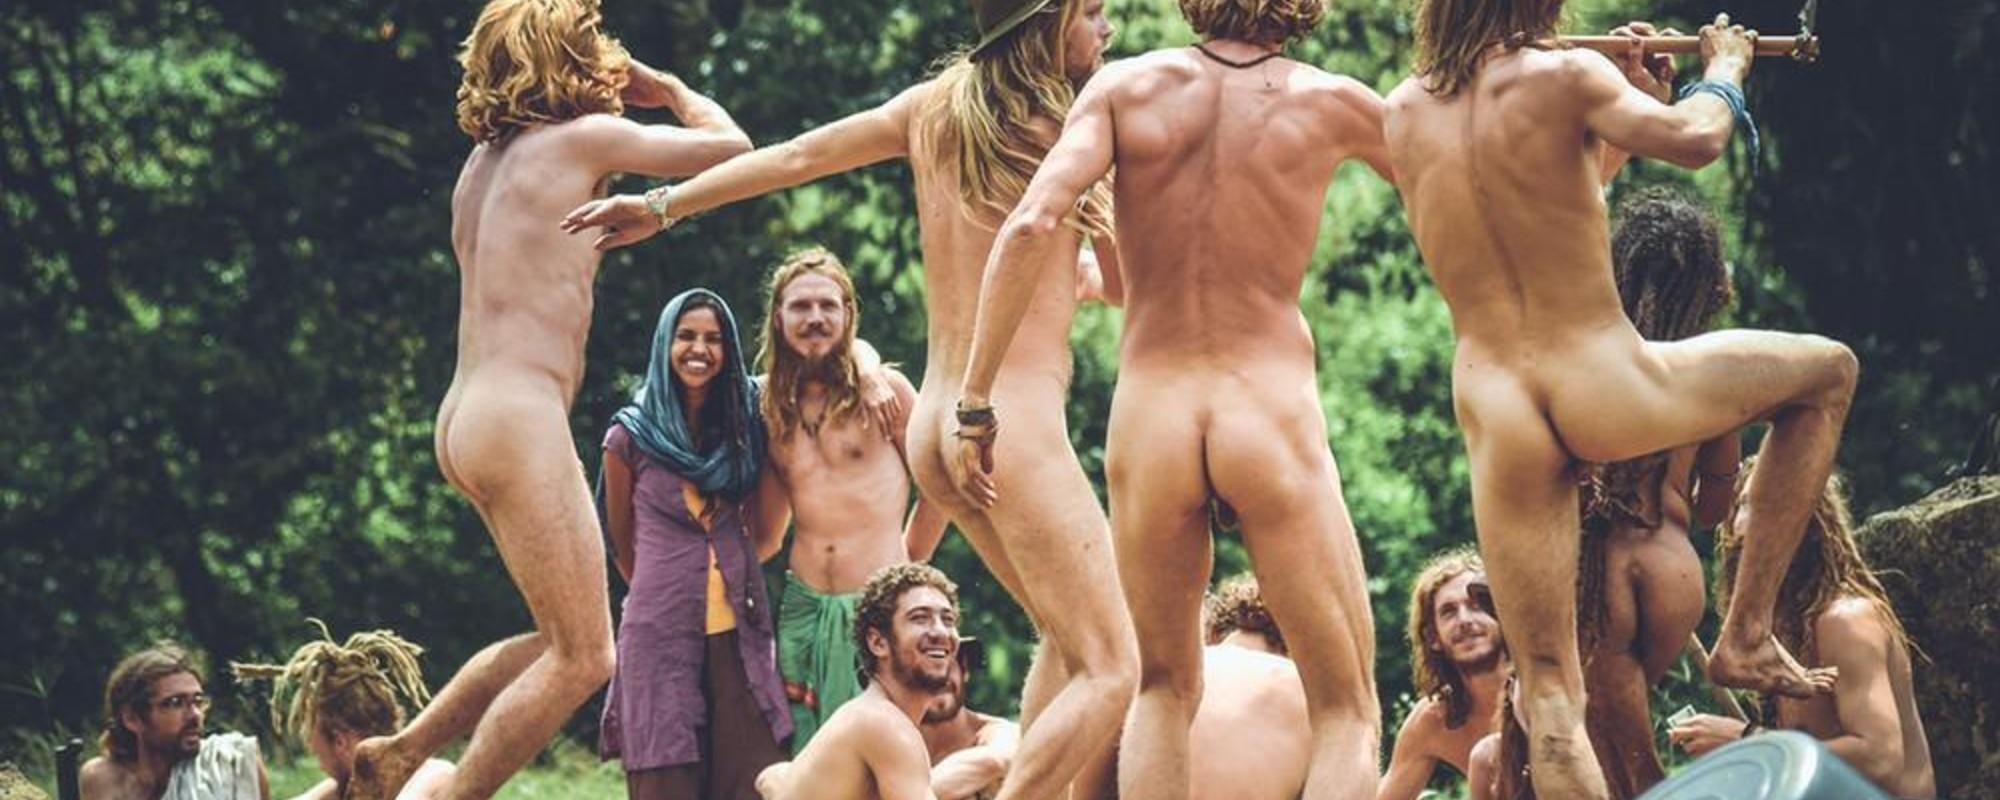 Liebe, Popos und Trommelkreise: Postkarten aus einem modernen Hippie-Paradies